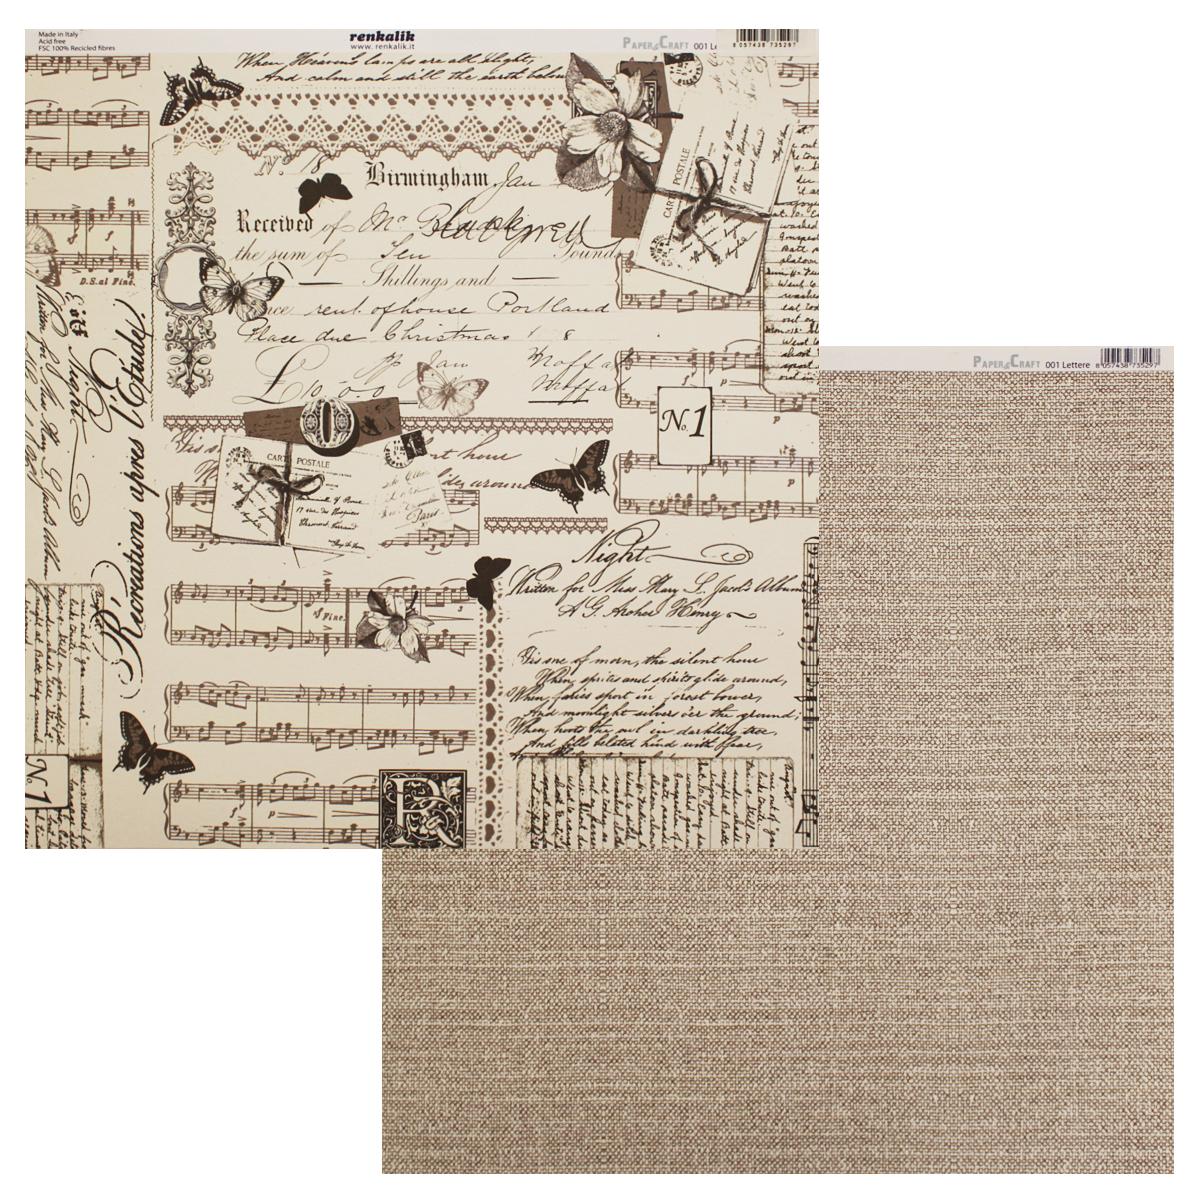 Бумага для скрапбукинга Renkalik Письма. Лен, двухсторонняя, 30,5 х 30,5 смNLED-454-9W-BKБумага Renkalik, оформленная красочными изображениями, поможет вам начать творческий путь в скрапбукинге. Эта бумага хорошо подойдет для оформления фона, создания открыток, поделок и многого другого. Скрапбукинг - это хобби, которое способно приносить массу приятных эмоций не только человеку, который этим занимается, но и его близким, друзьям, родным. Это невероятно увлекательное занятие, которое поможет вам сохранить наиболее памятные и яркие моменты вашей жизни, а также интересно оформить интерьер дома.